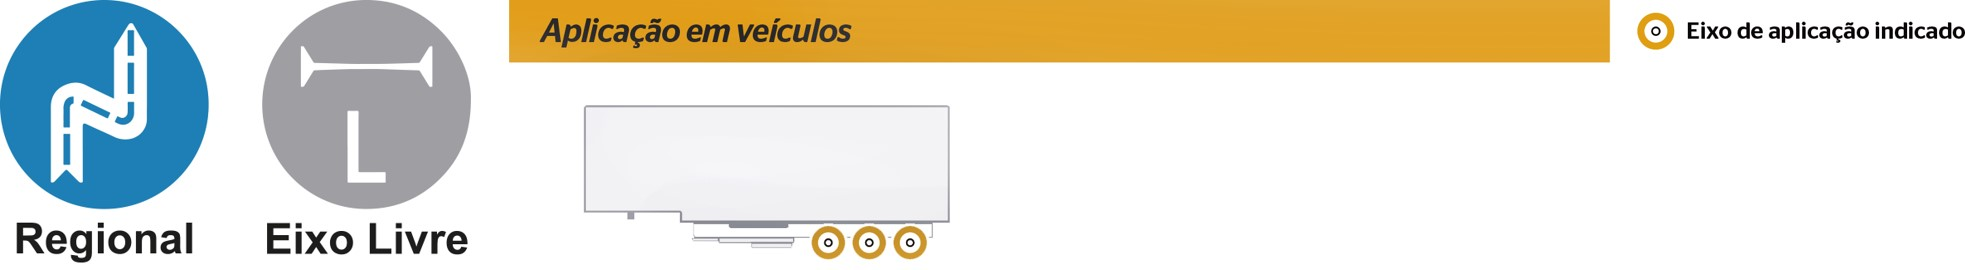 HTR 1: Eixo livre / Carreta - Mercadoria (Ícones com categorias de uso)